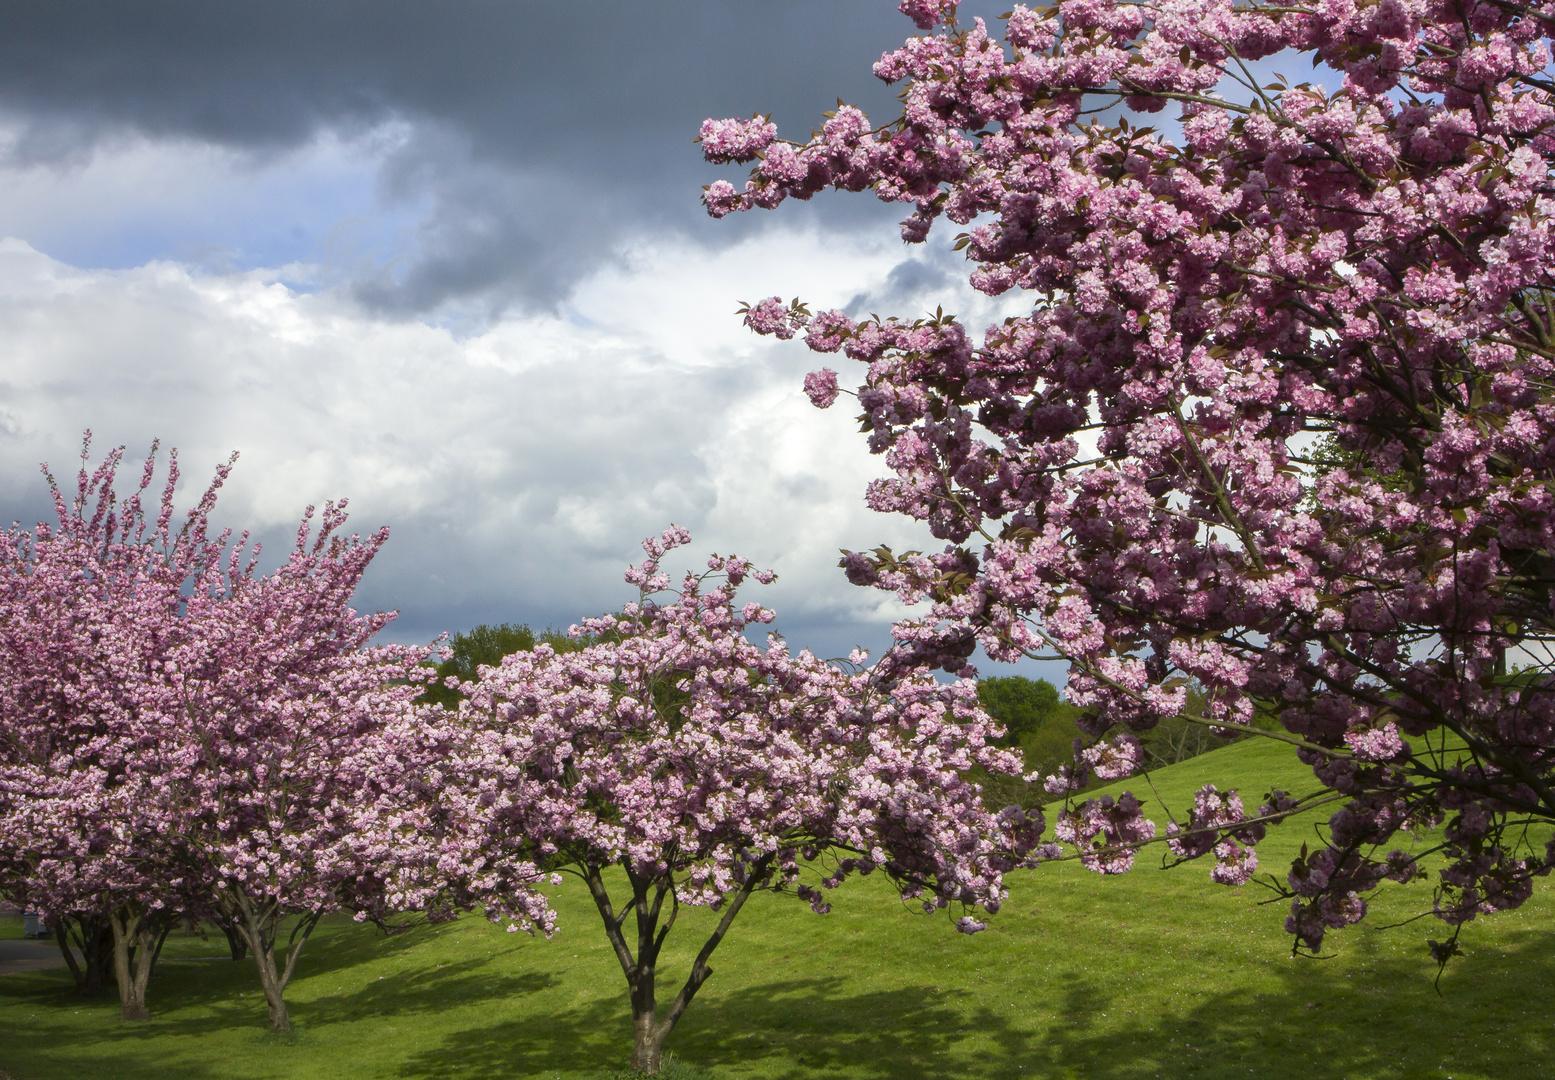 Frühling im Park Foto & Bild | pflanzen, pilze & flechten, bäume ...